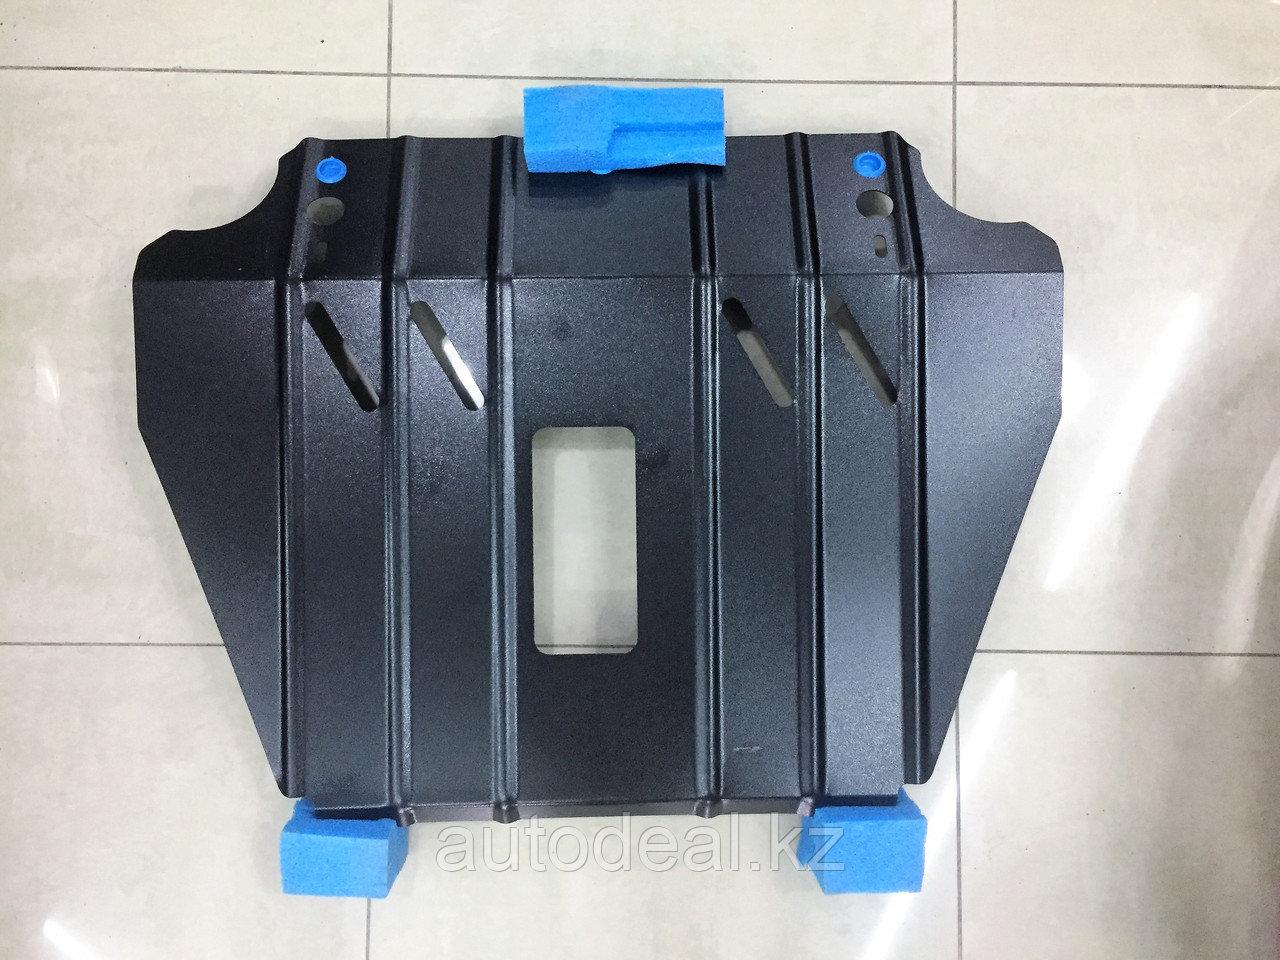 Защита картера Novoline Geely X7 / Crankcase protection